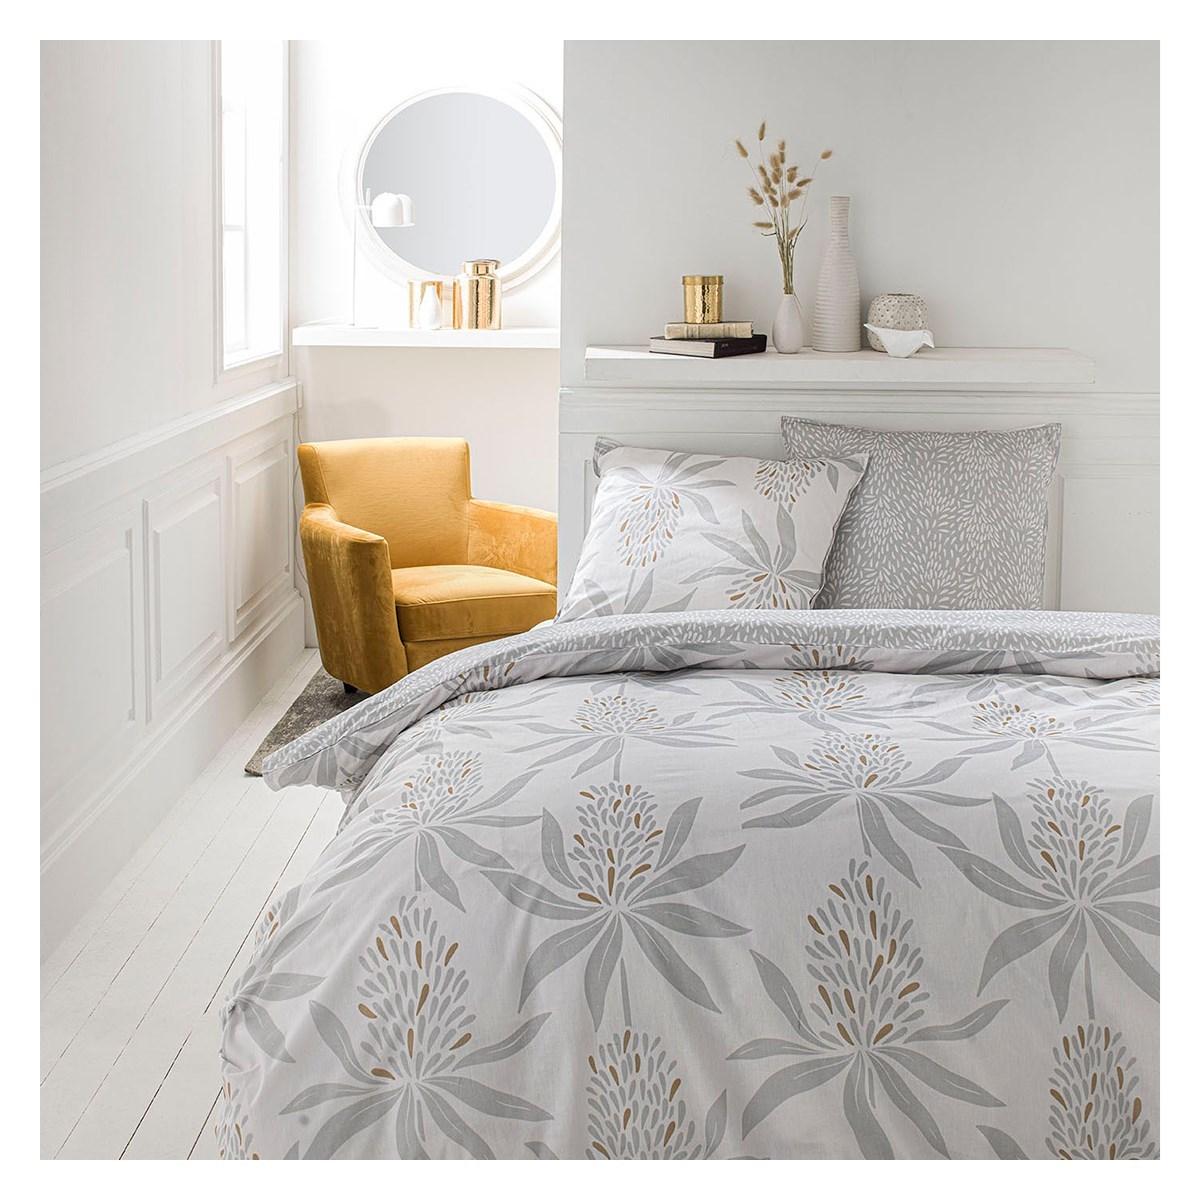 Parure de lit 2 personnes imprimé floral en Coton Blanc 220x240 cm